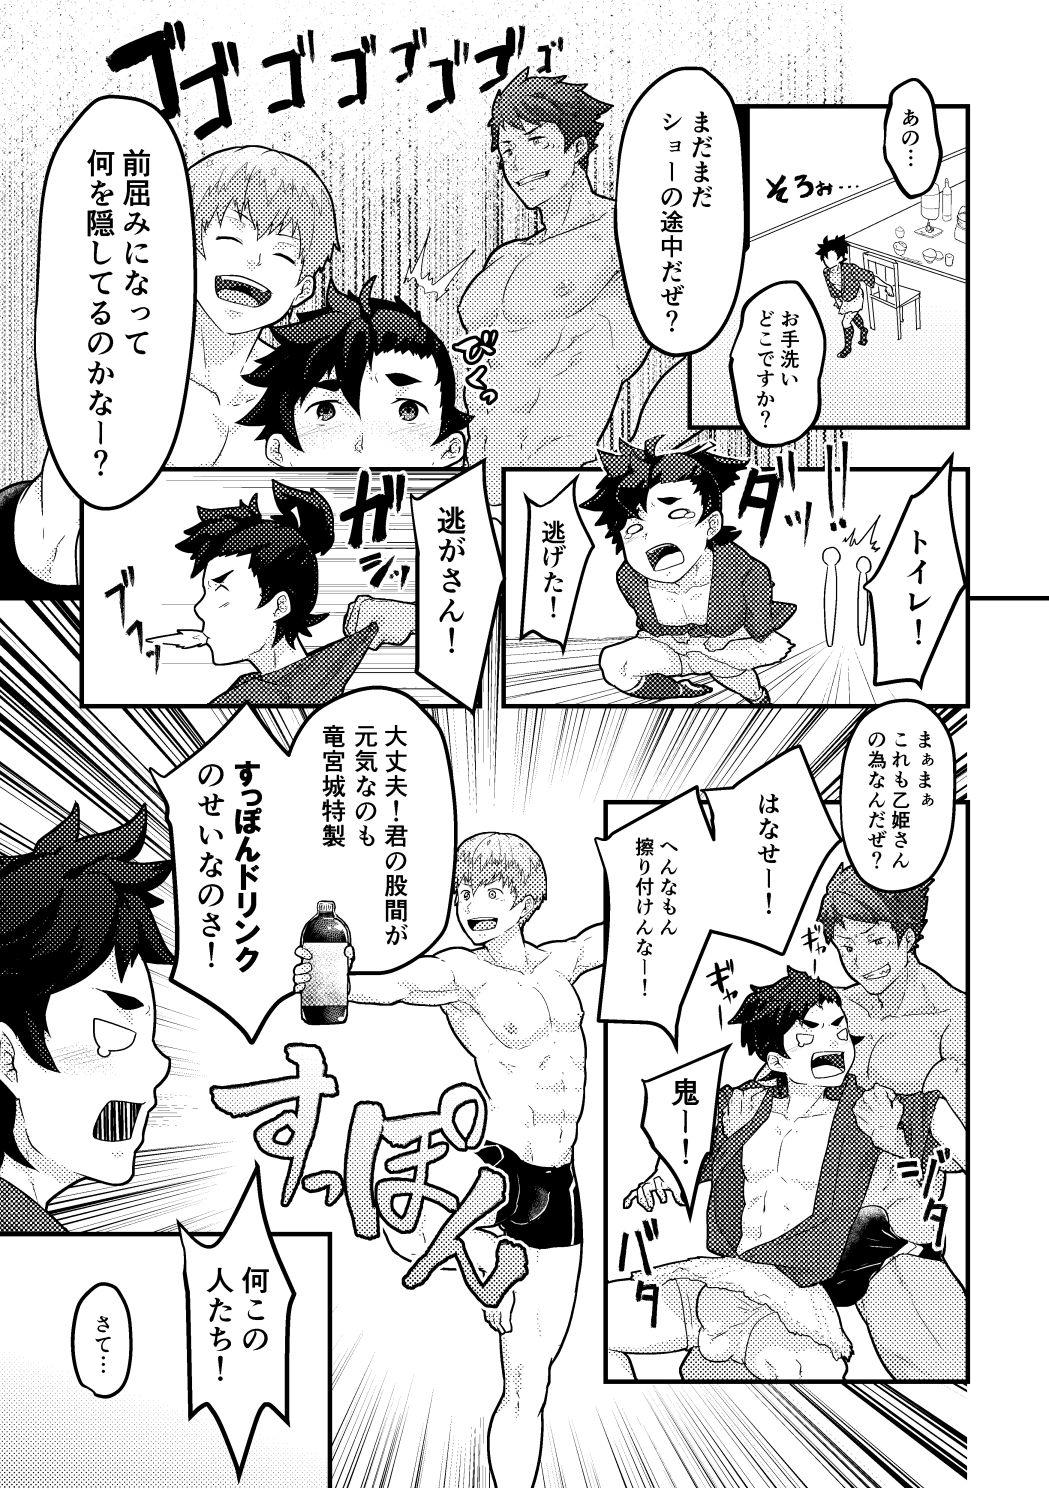 Urashimatarou 8